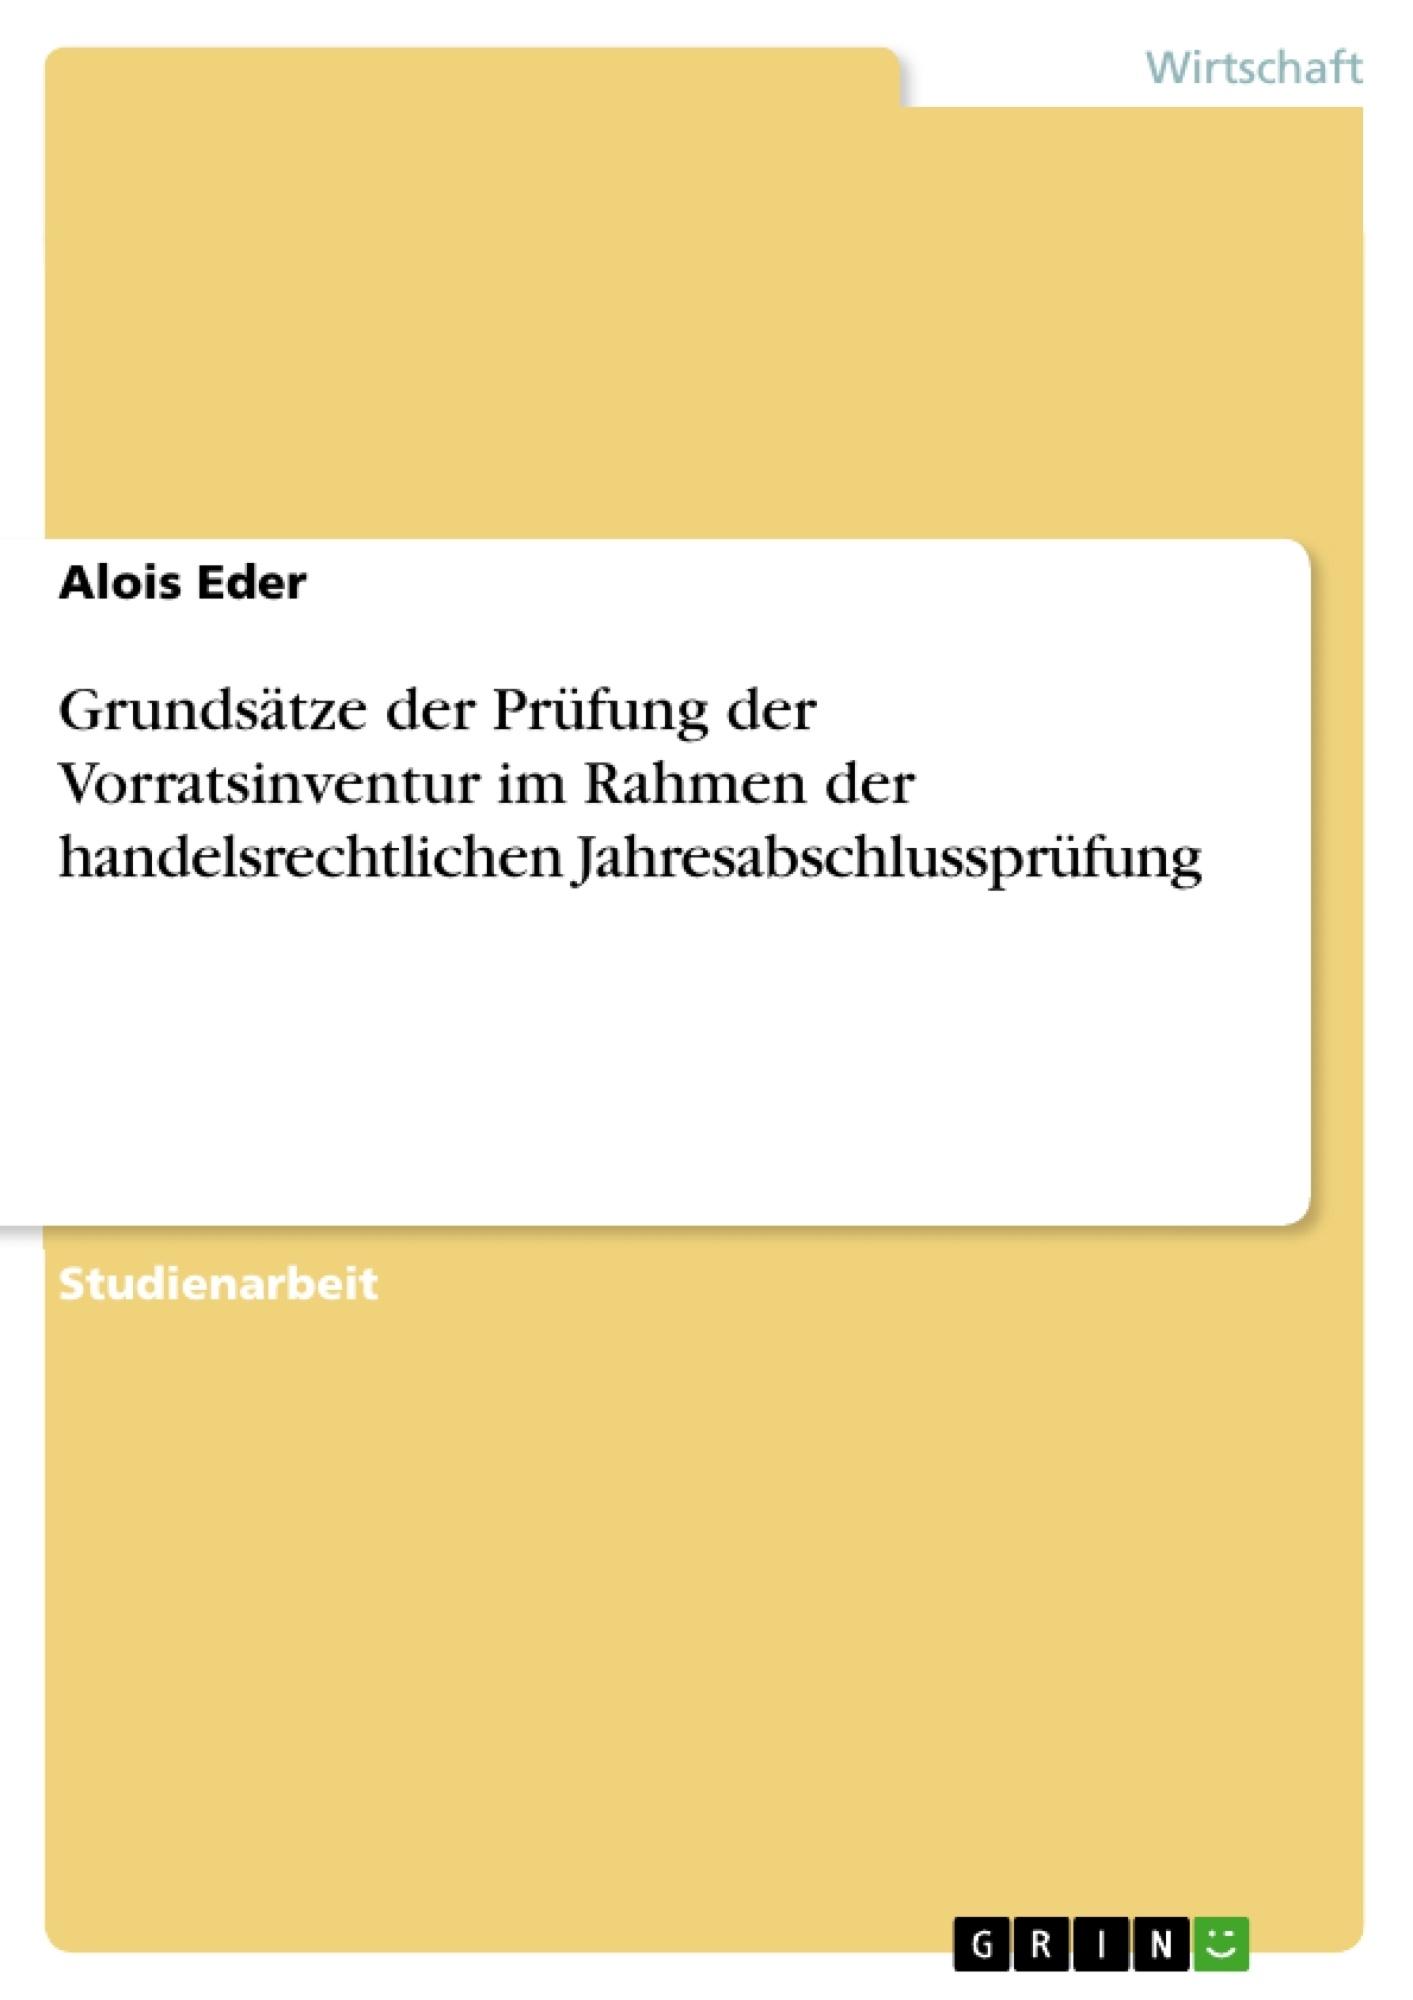 Titel: Grundsätze der Prüfung der Vorratsinventur im Rahmen der handelsrechtlichen Jahresabschlussprüfung